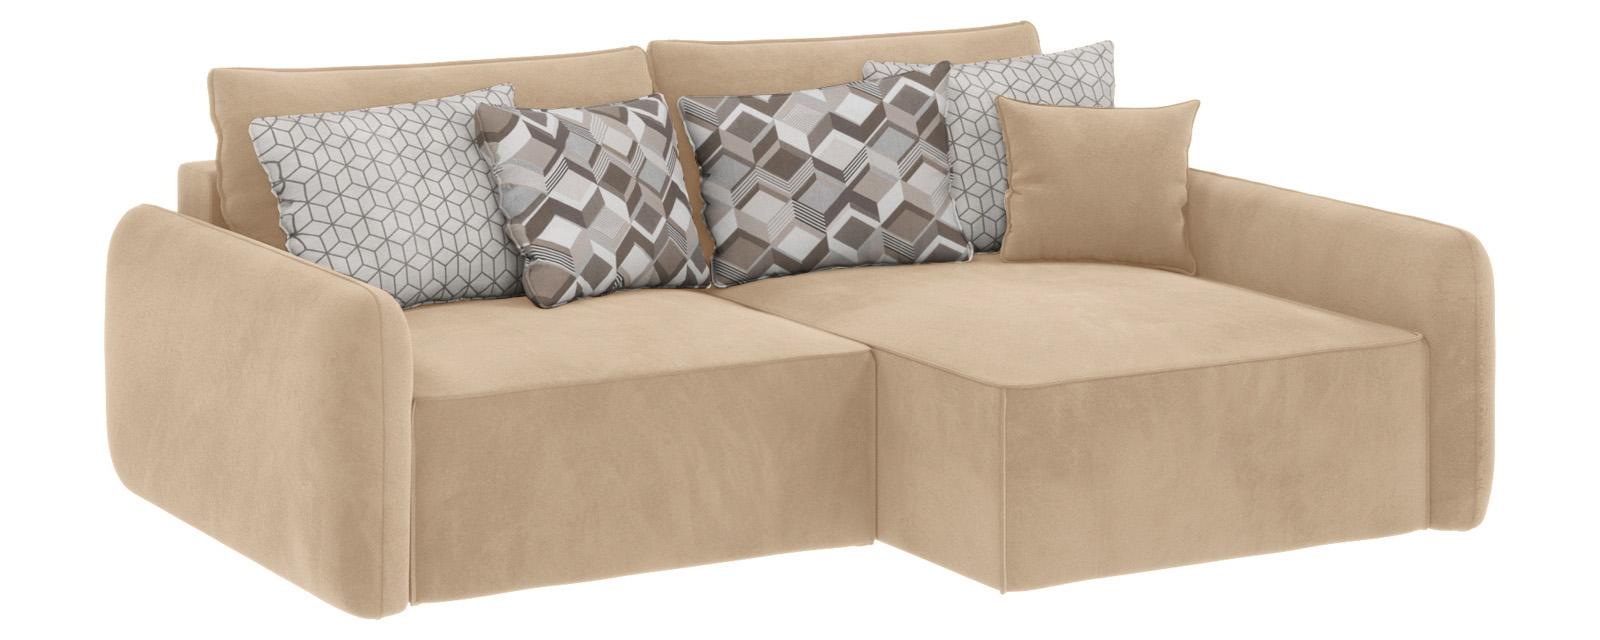 Модульный диван Портленд вариант №4 Soft песочный (Вел-флок, правый)